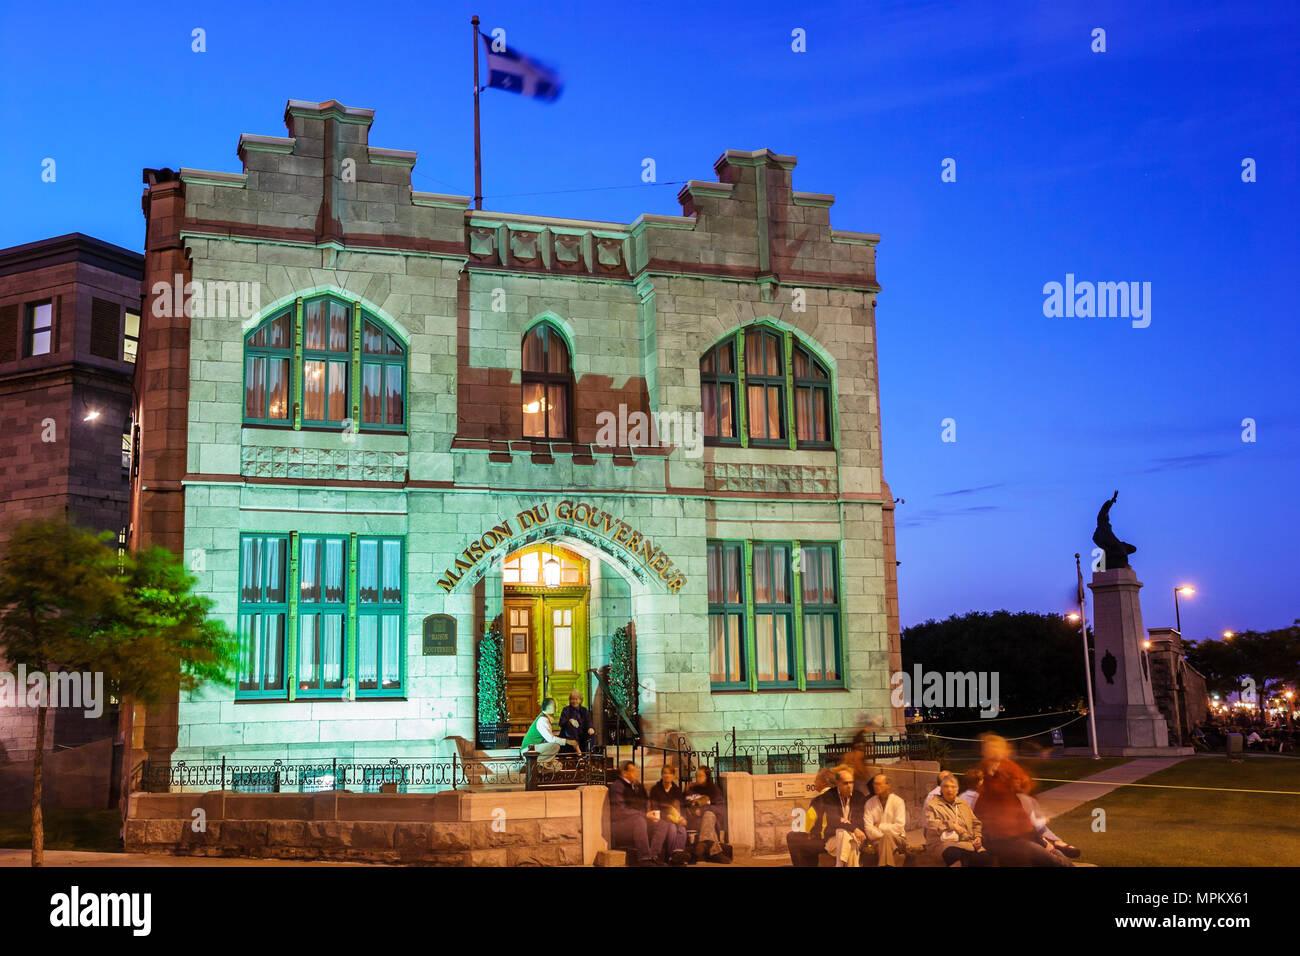 Montreal Canada Rue De Lorimier La Maison Du Gouverneur Governor Built 1895  Former Prison Now Wine Cellar